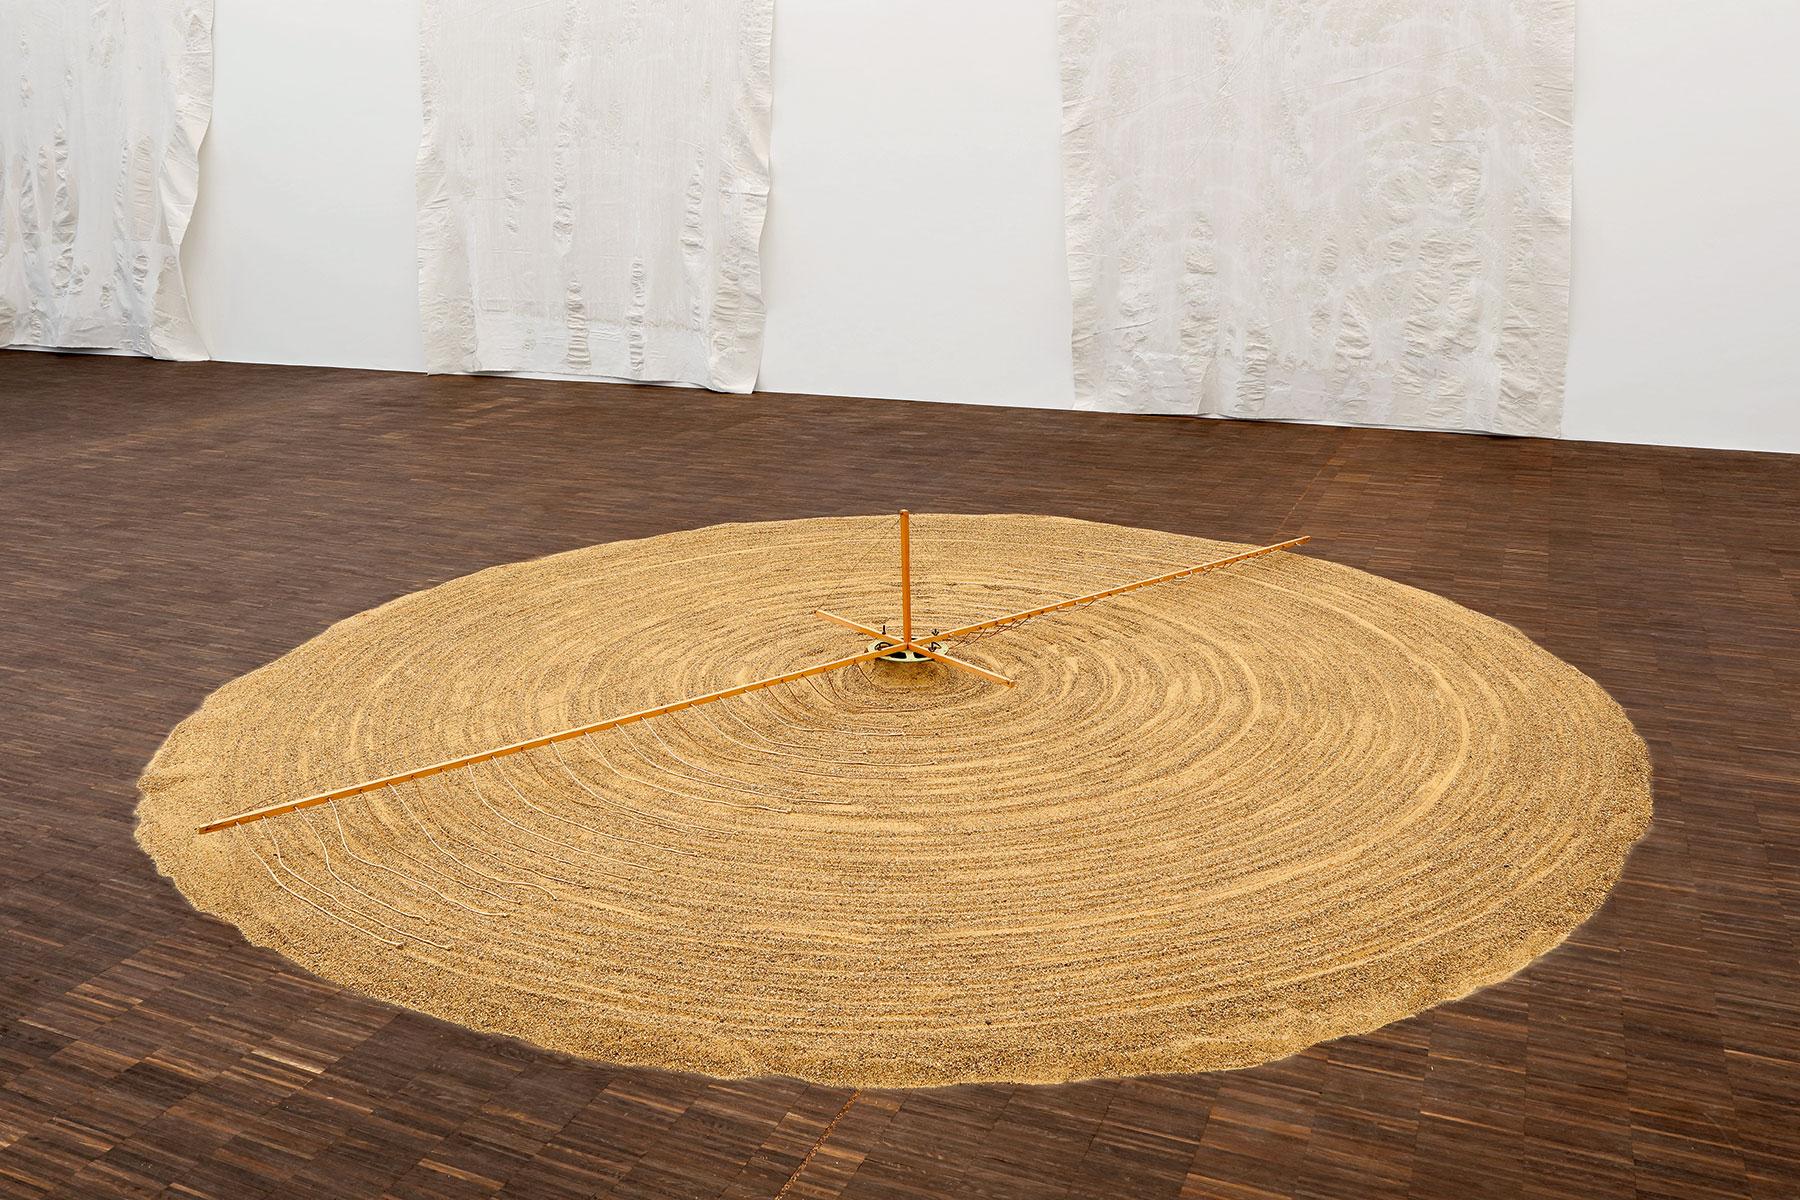 Günther Uecker, Sandspirale, 1970, Durchmesser 400 cm; Staatliches Museum Schwerin © VG Bild-Kunst, Bonn 2016